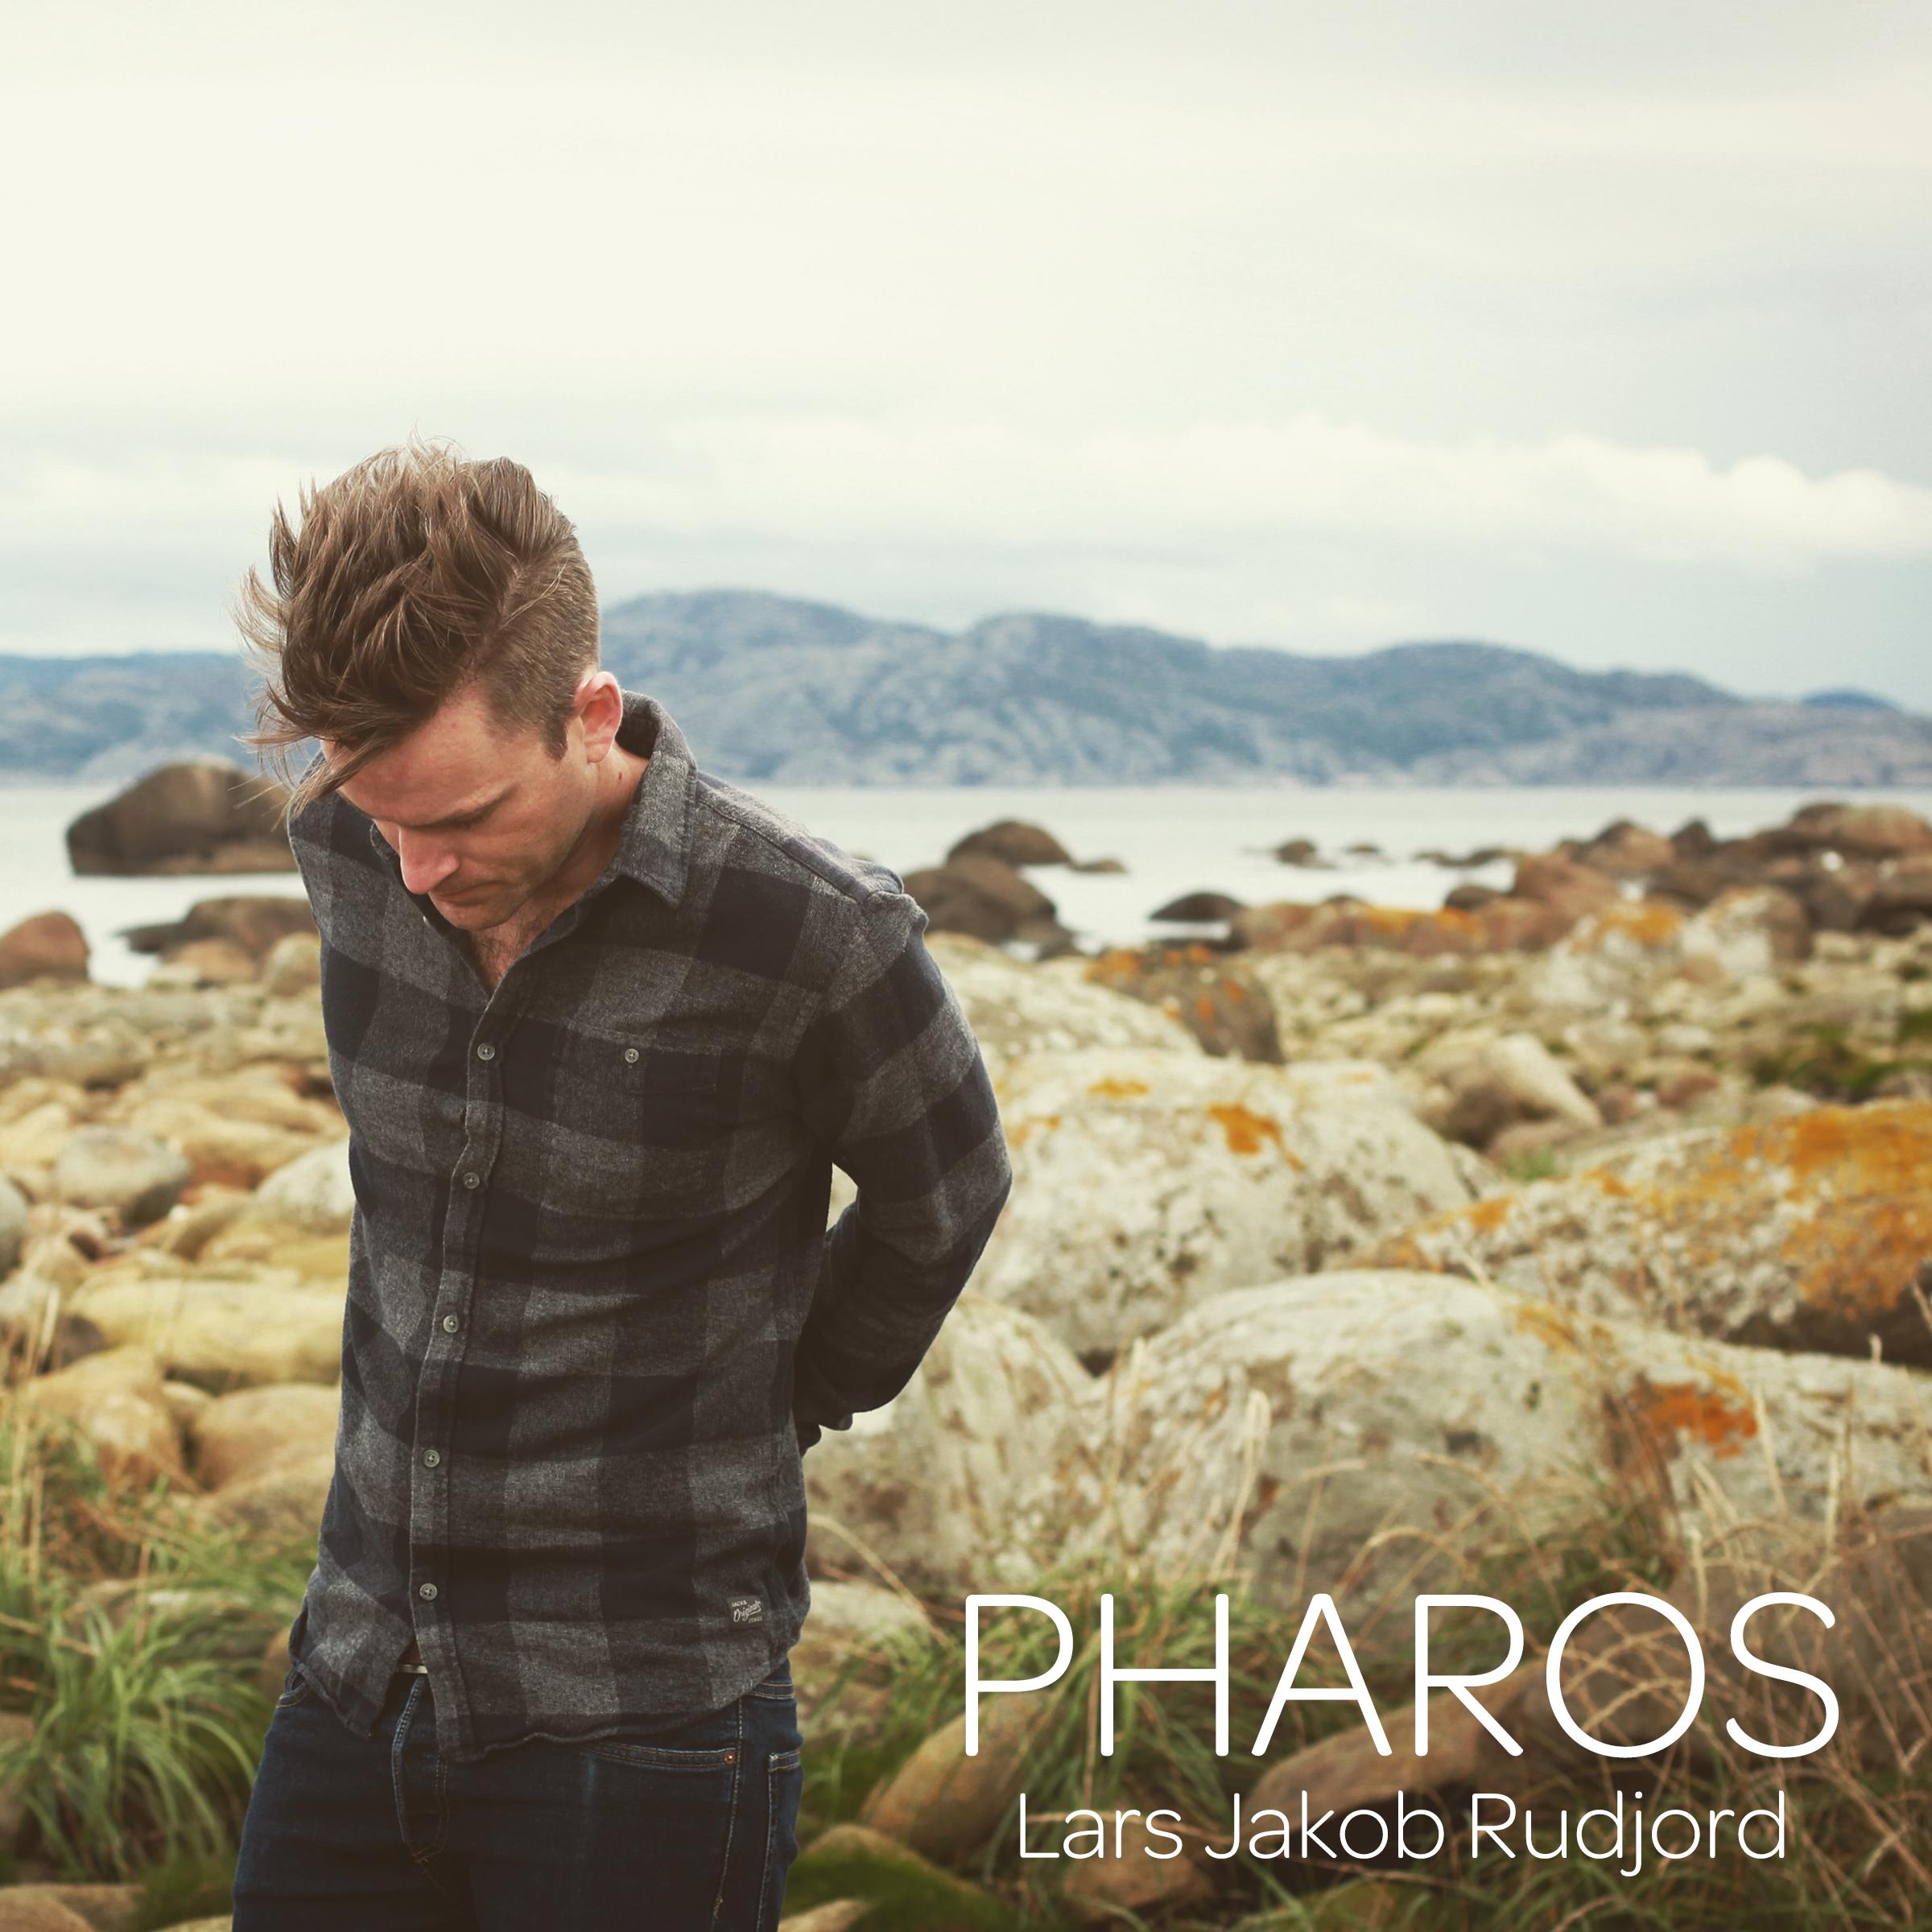 Lars Jakob Rudjord - Pharos single cover.jpg